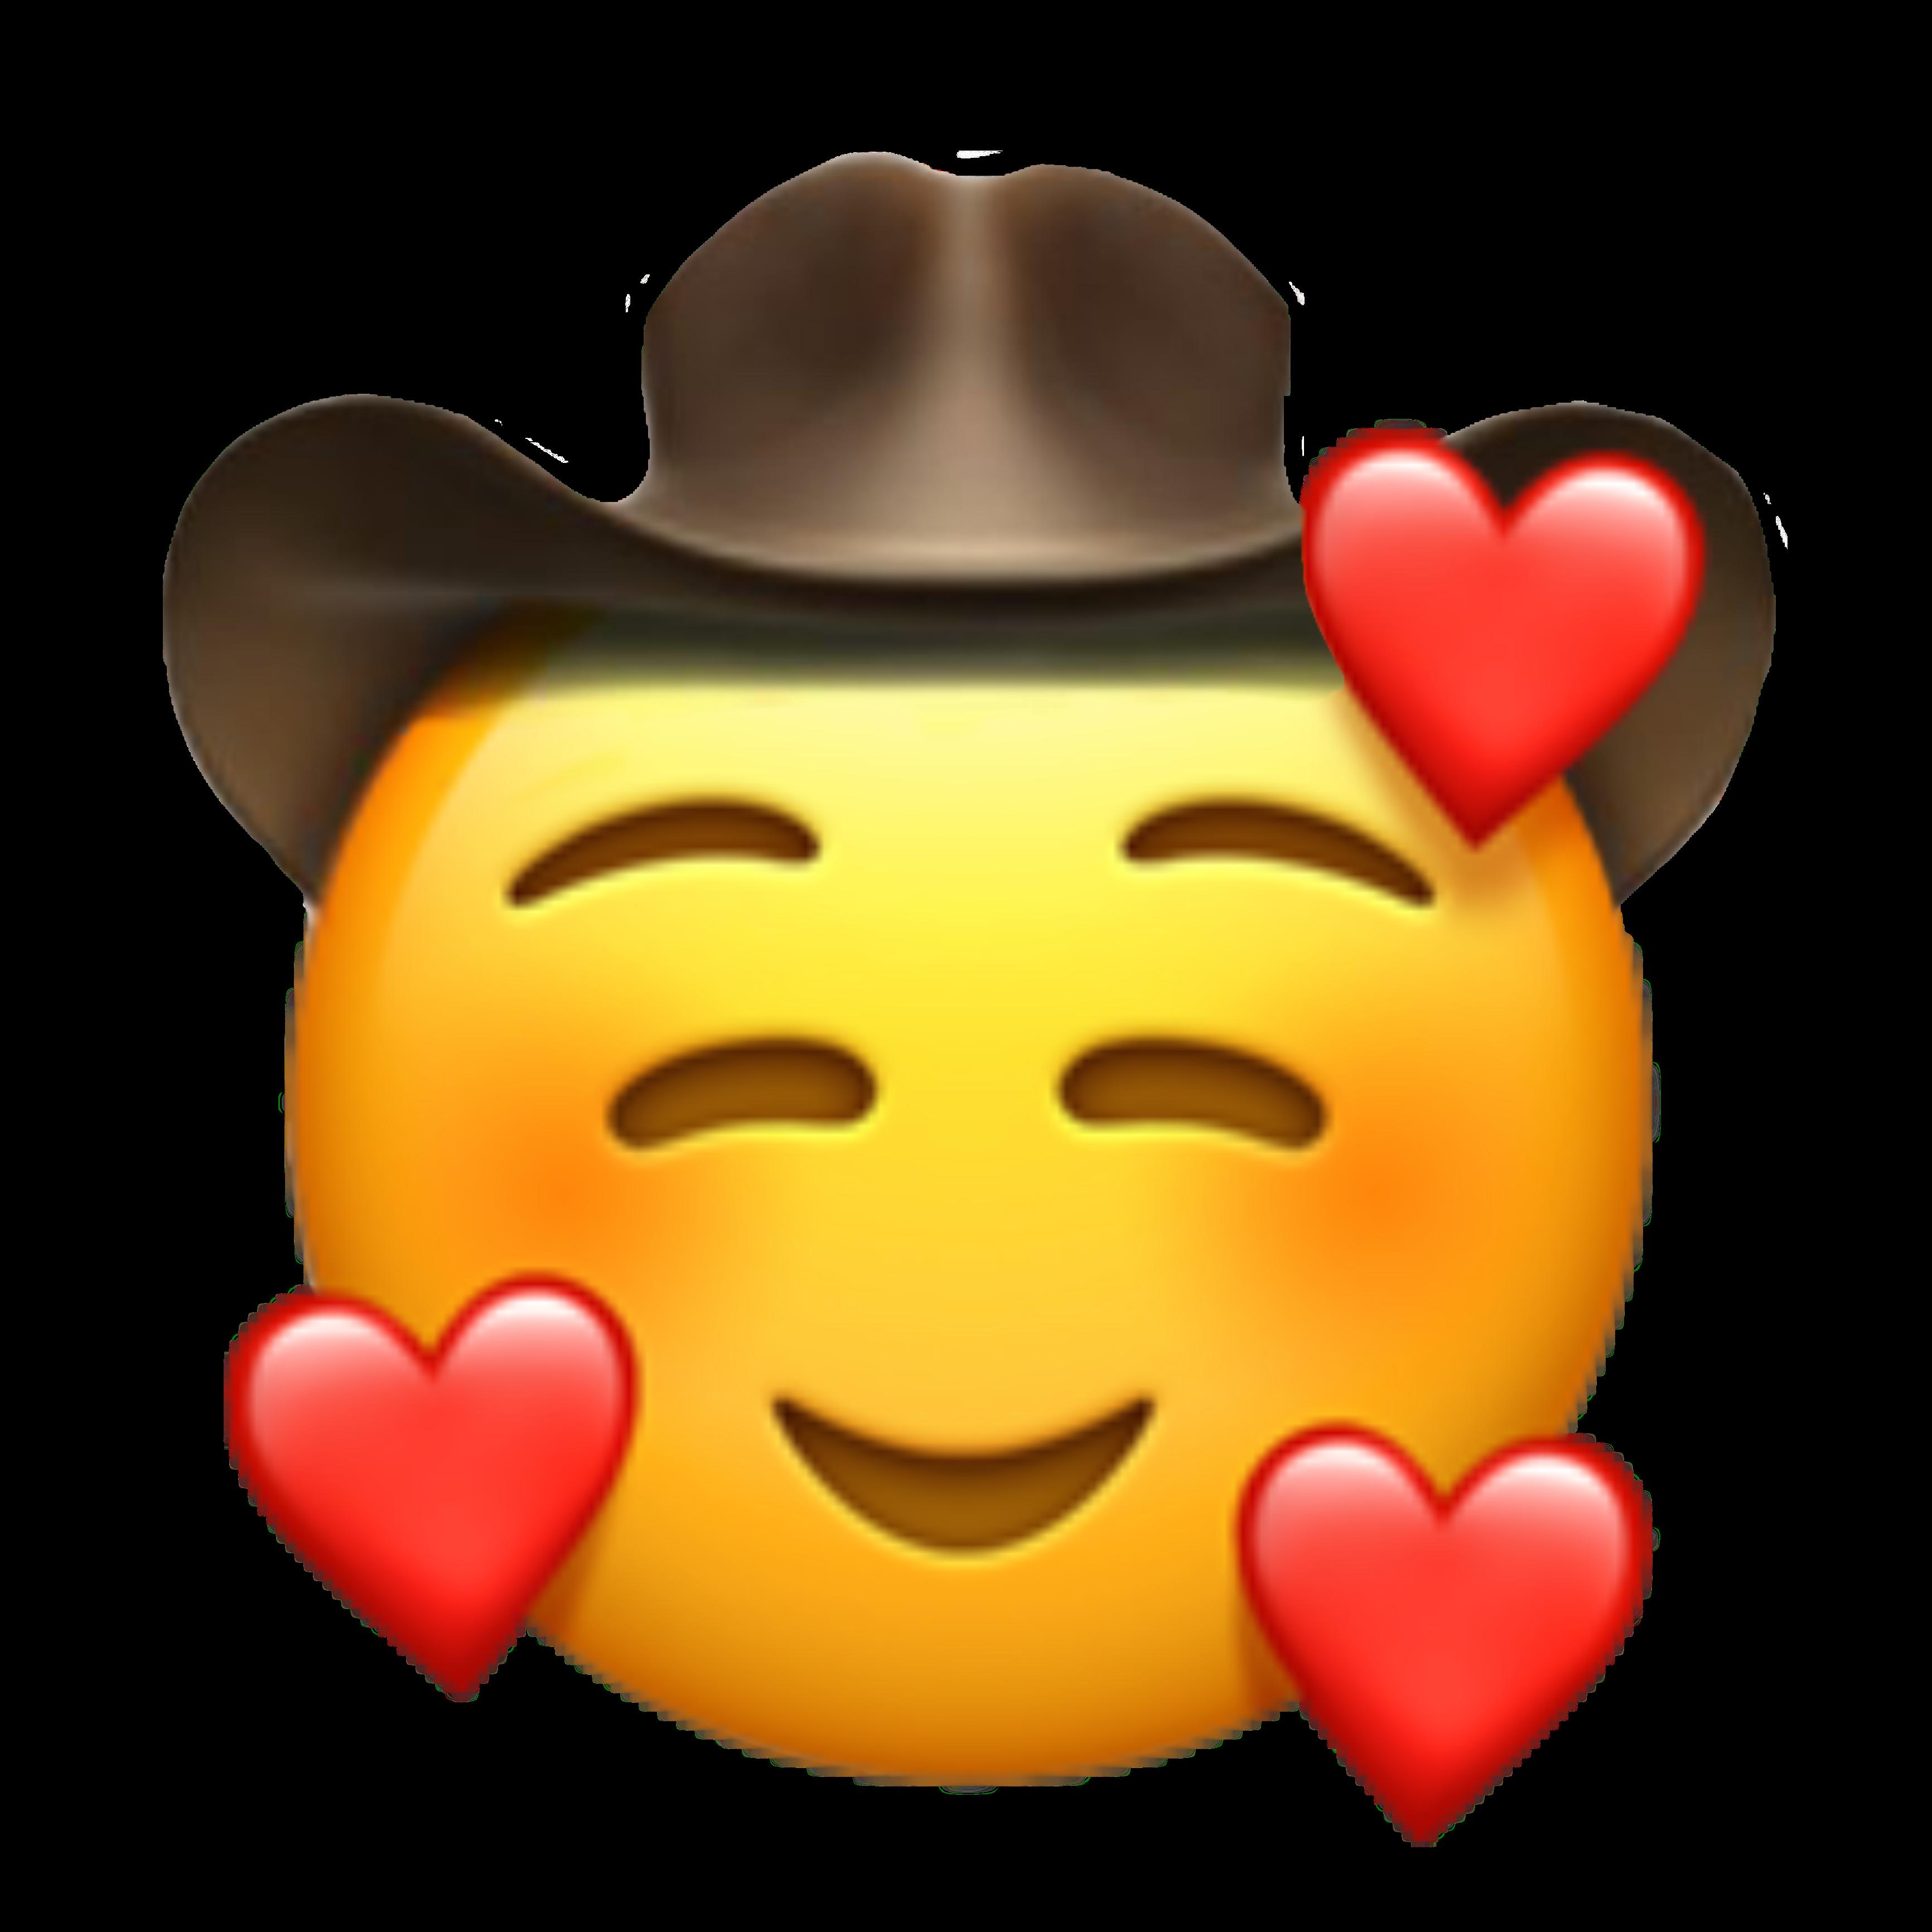 cowboy cowboyemoji emoji emojis heart hearts